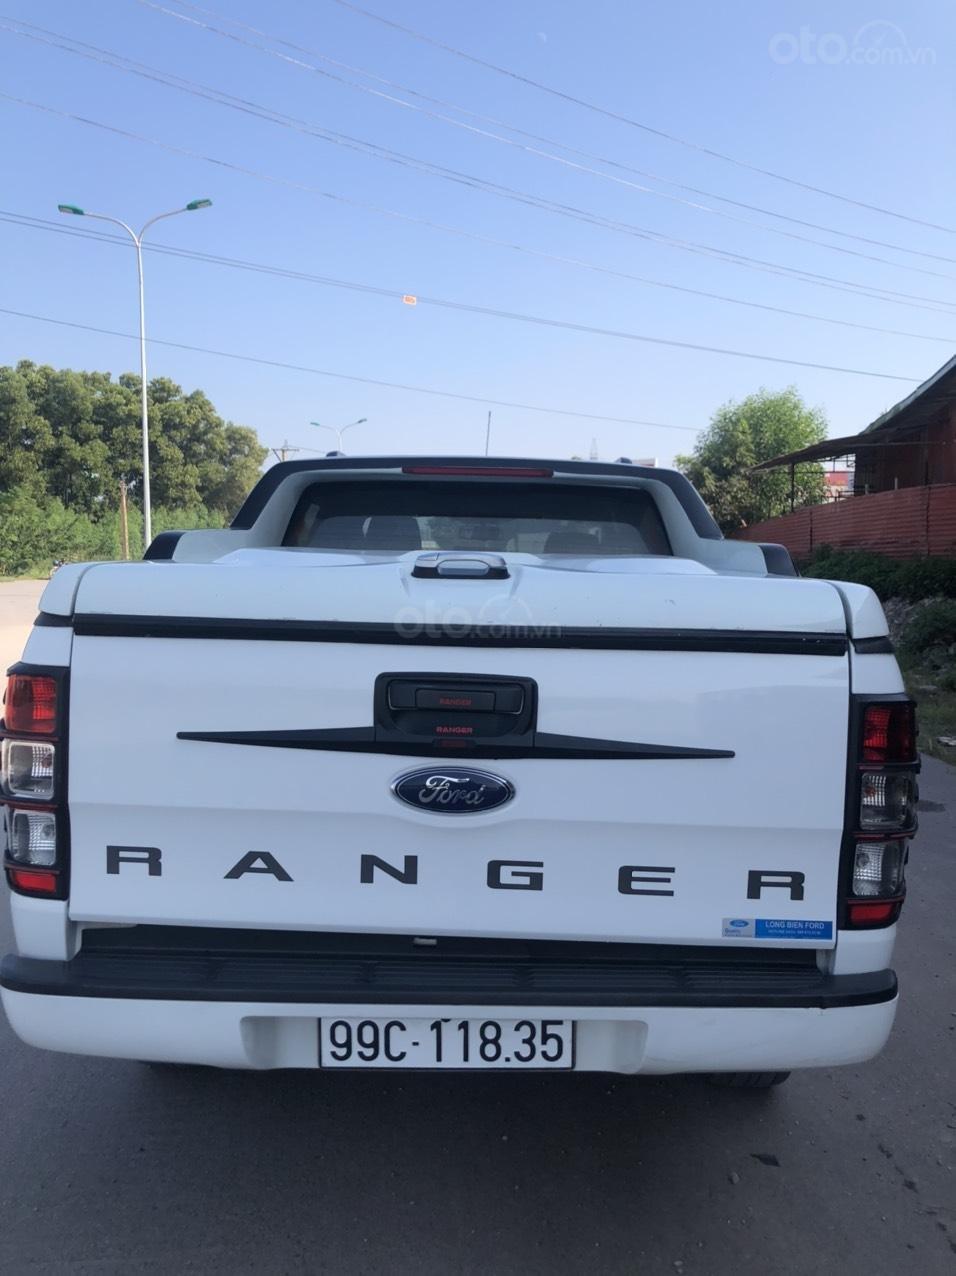 Cần bán gấp Ford Ranger đời 2017, màu trắng, nhập khẩu, giá tốt 550 triệu đồng (2)